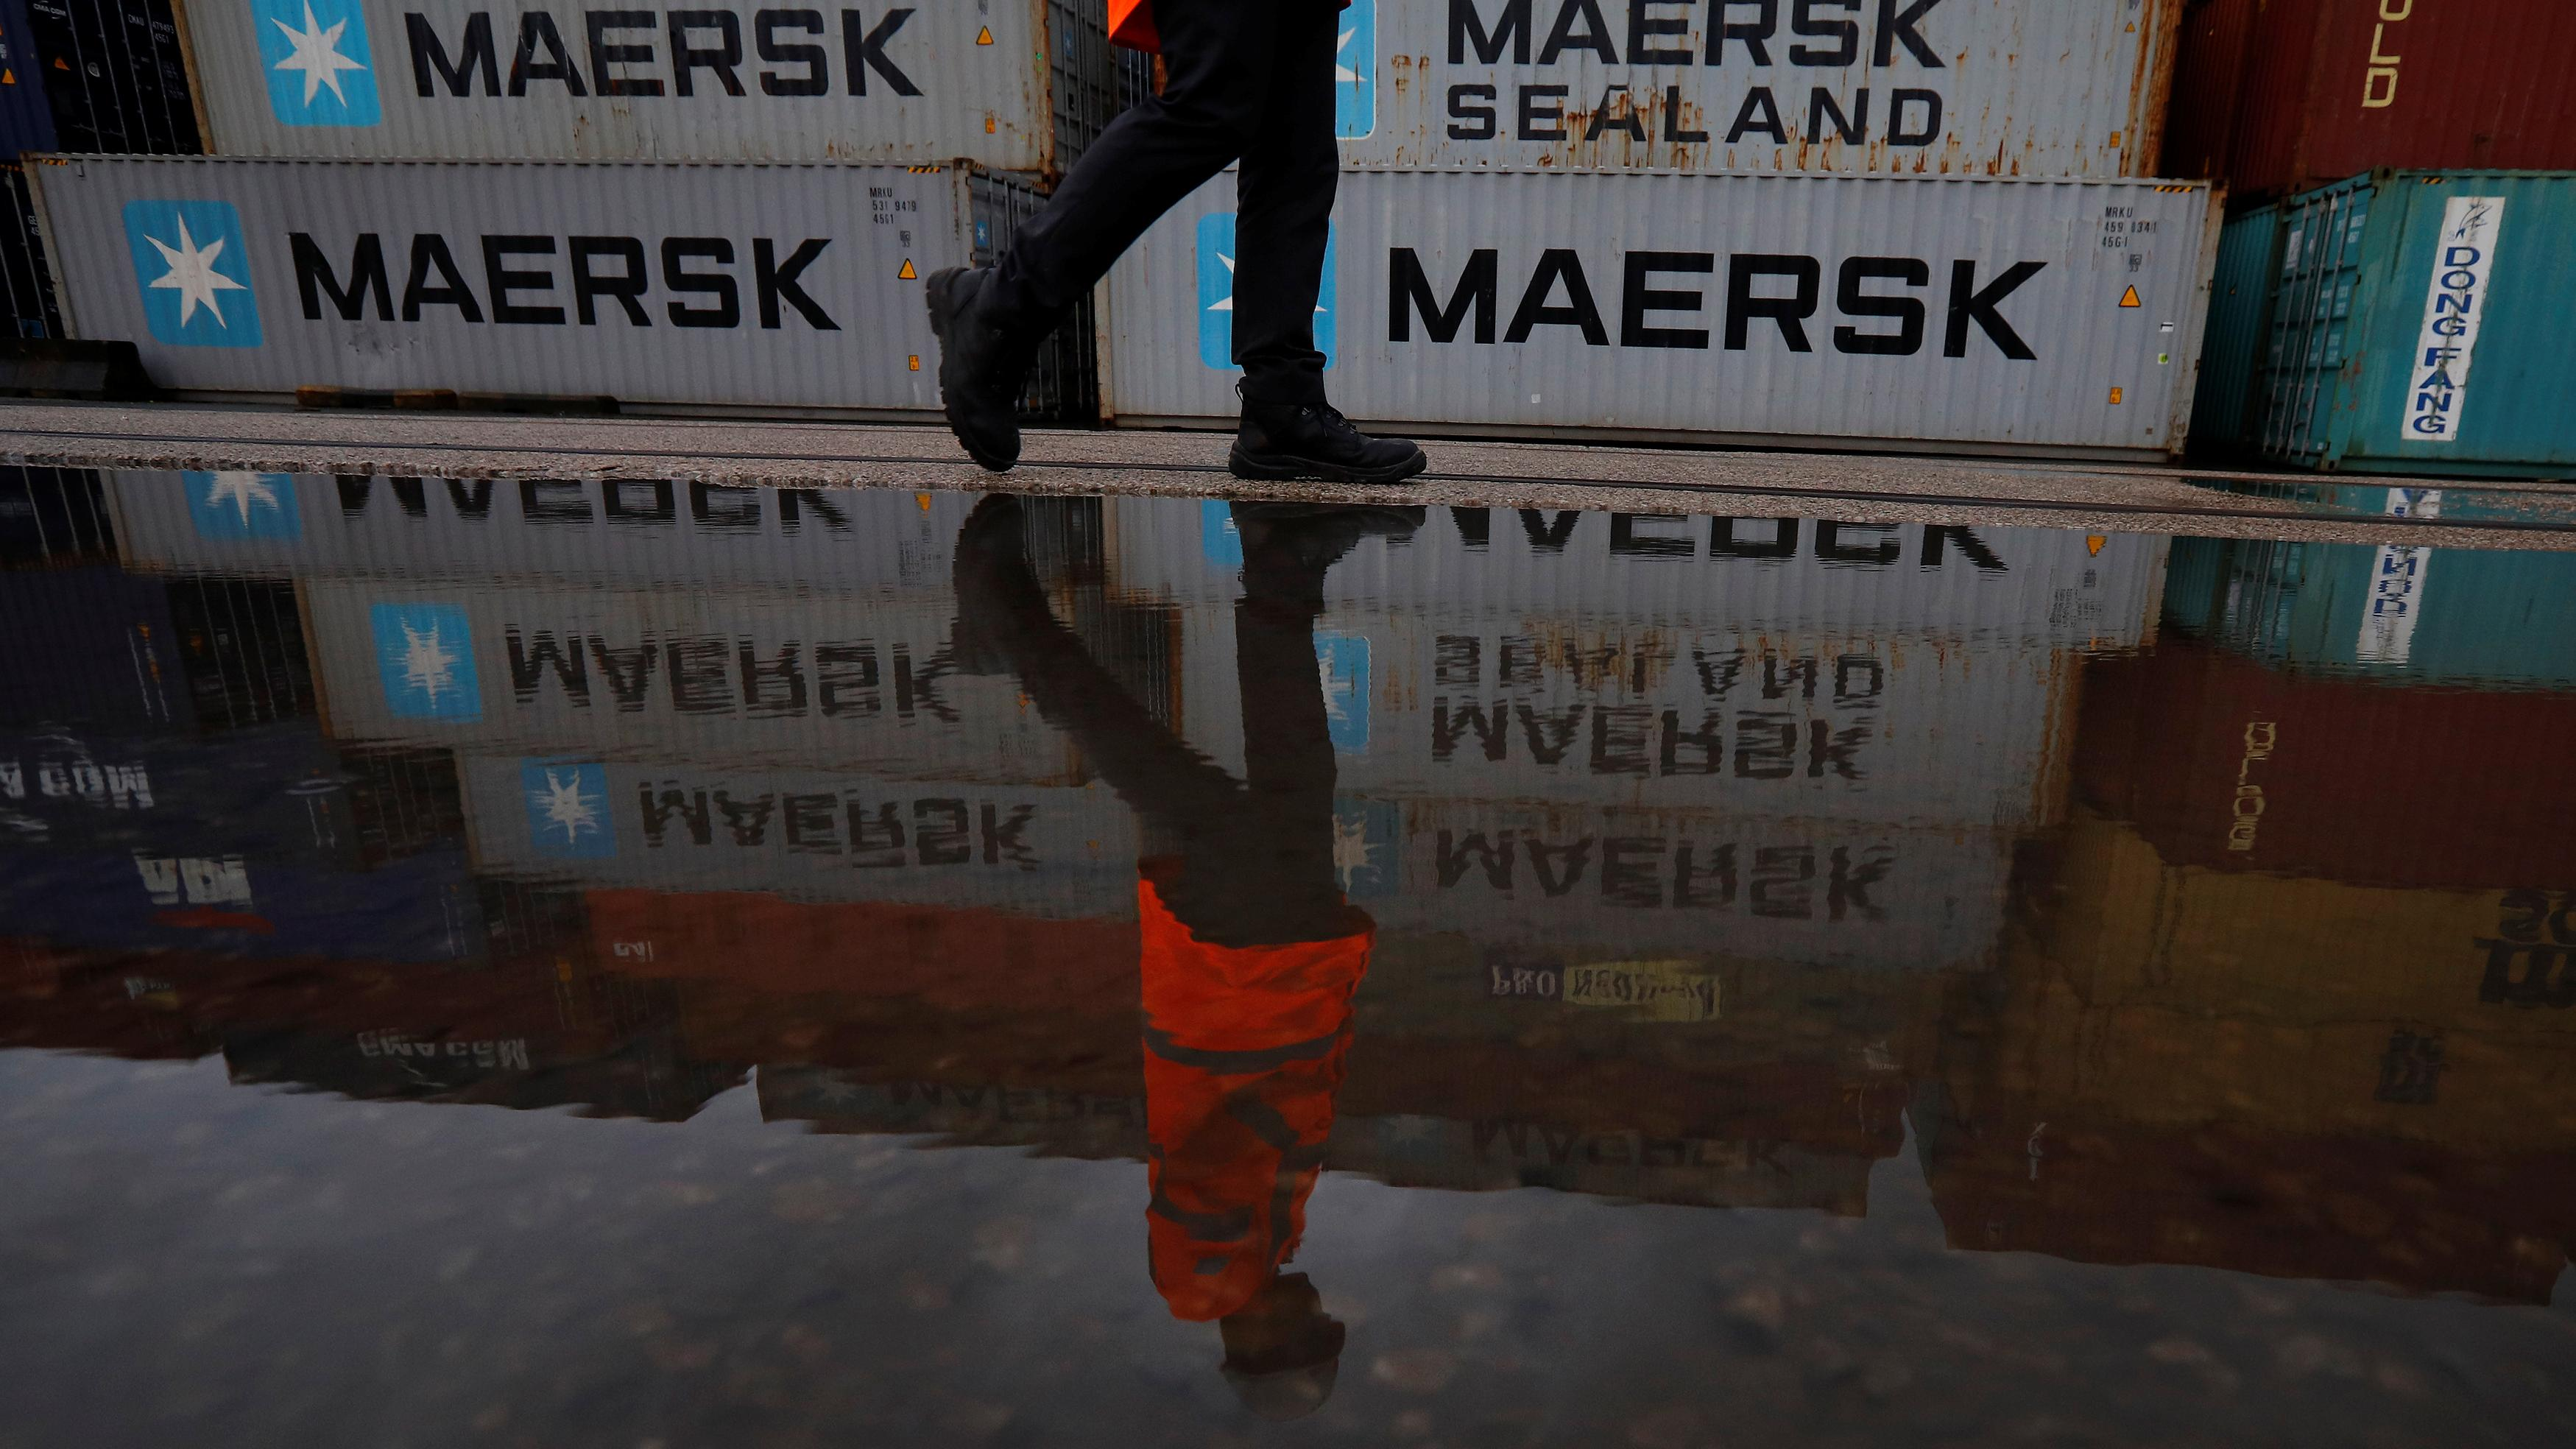 Trojaner-Attacke trifft auch deutsche Firmen